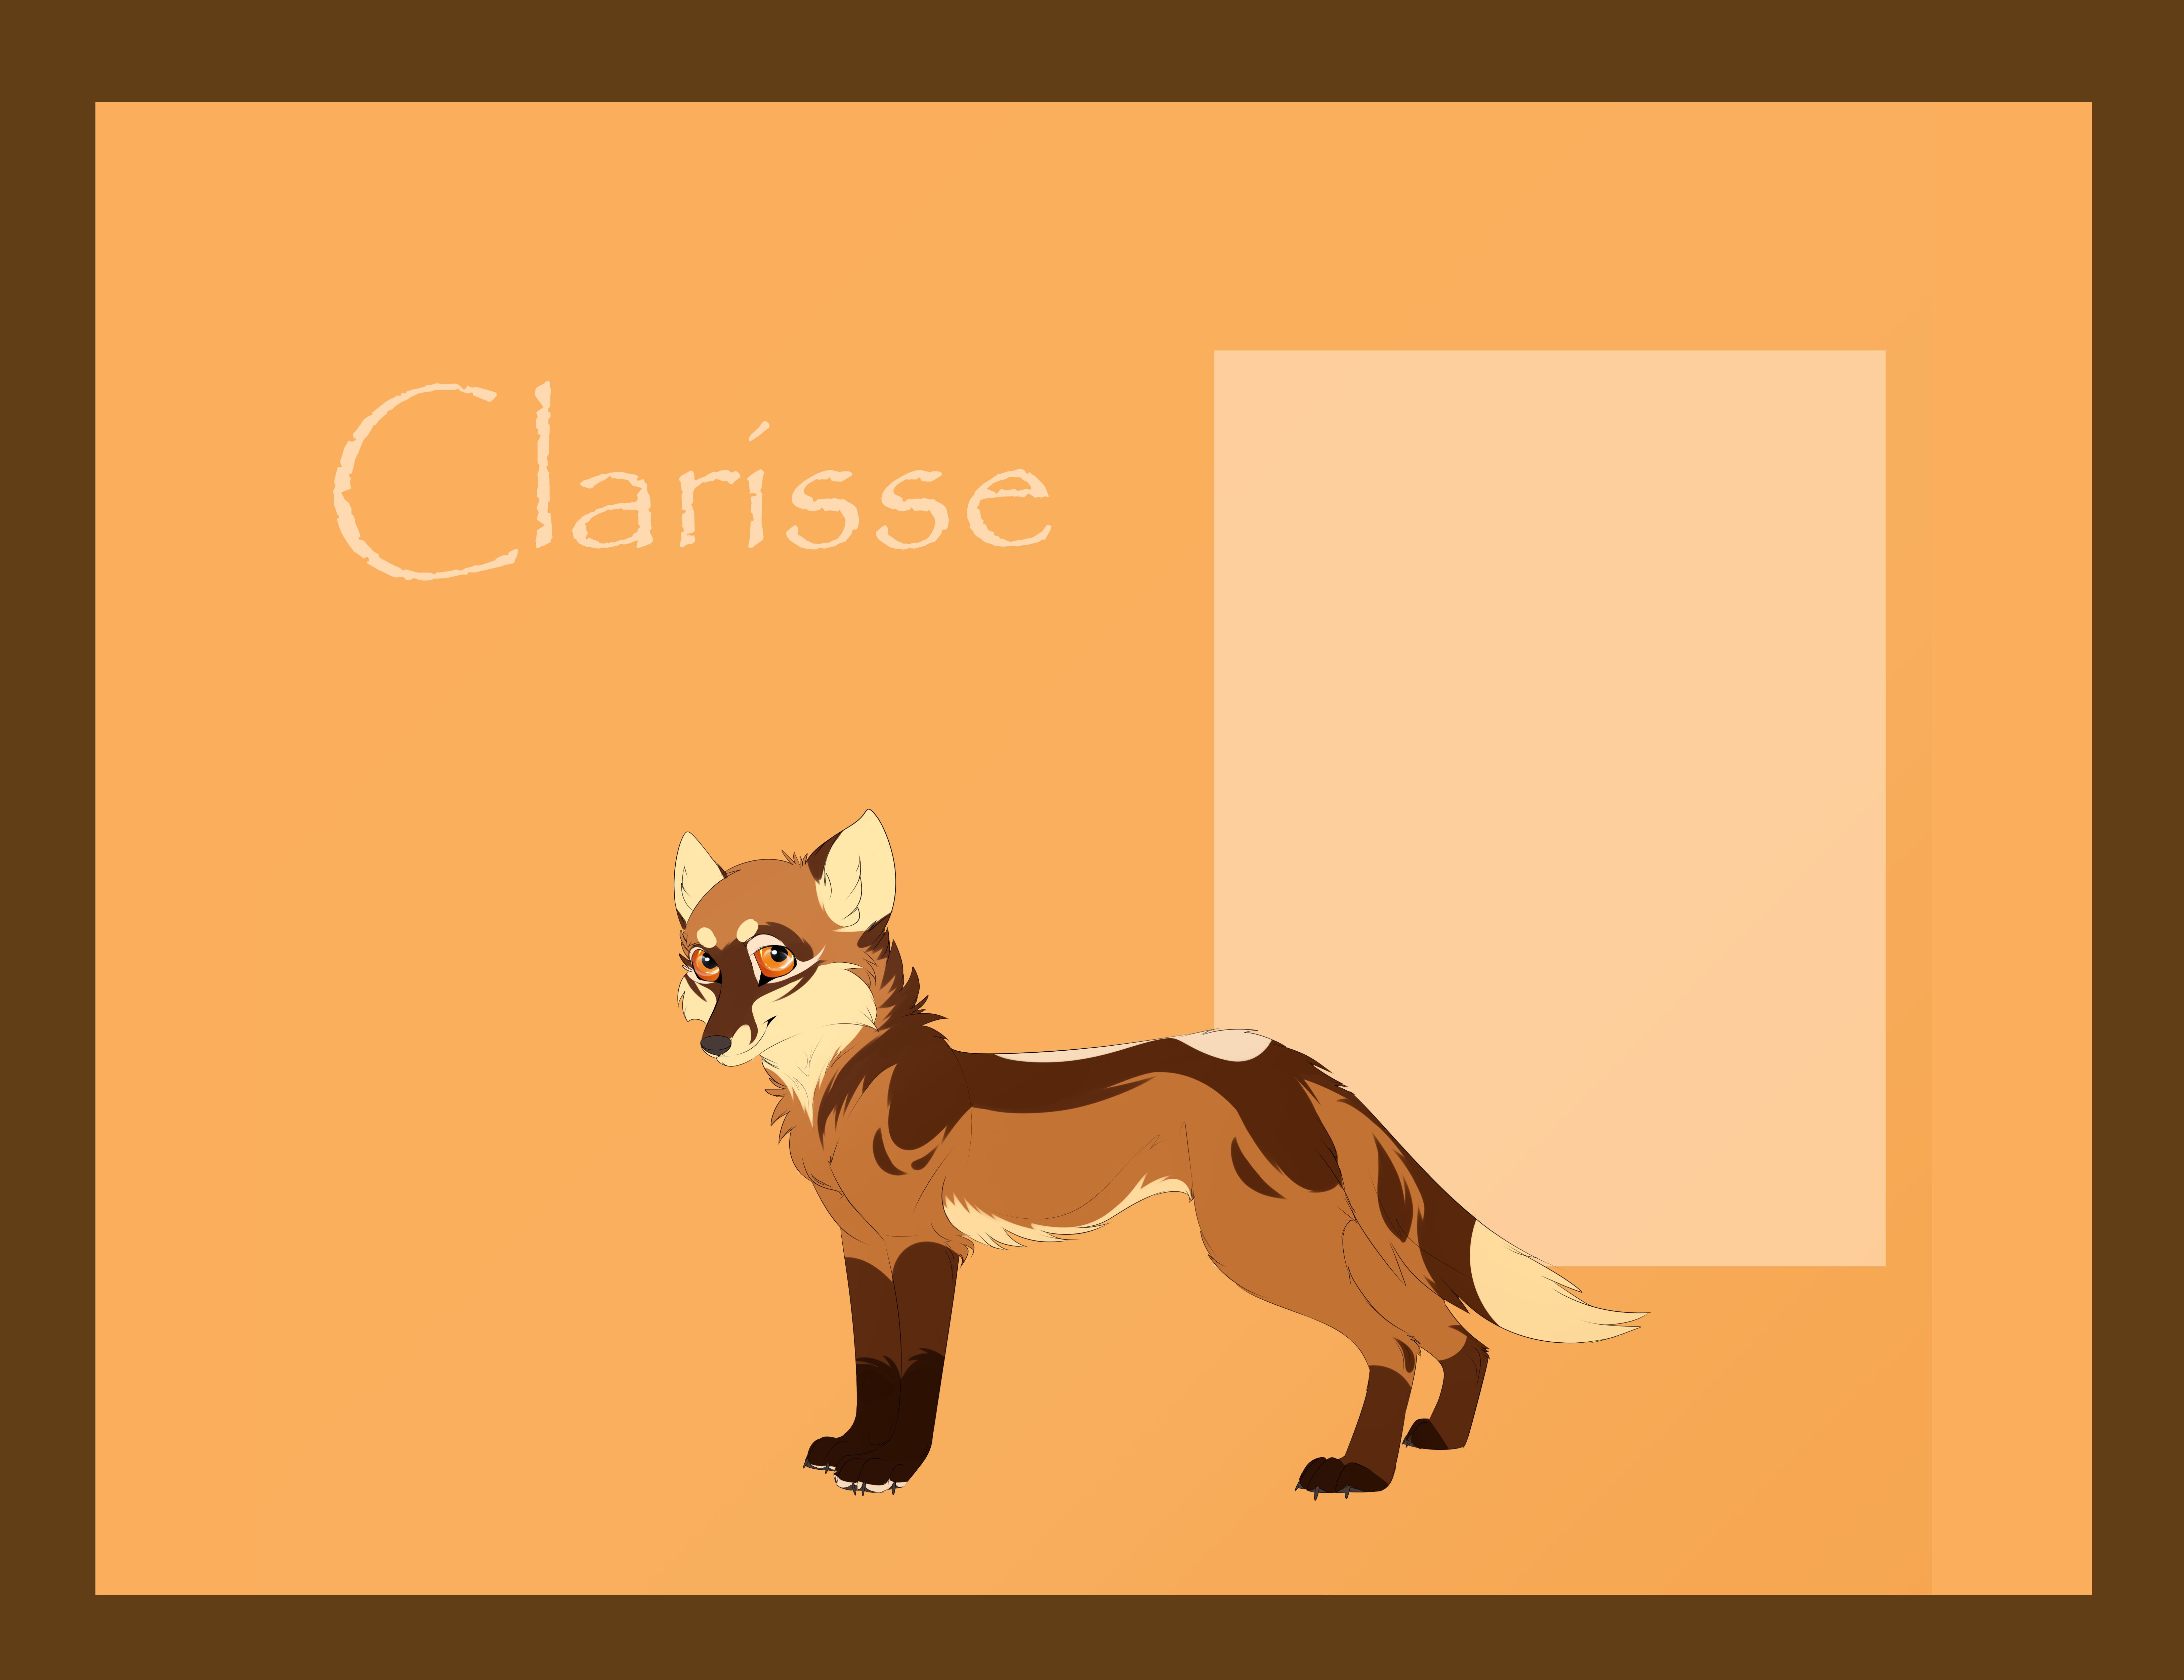 Design Commission +Clarisse+ by Feline-Kat